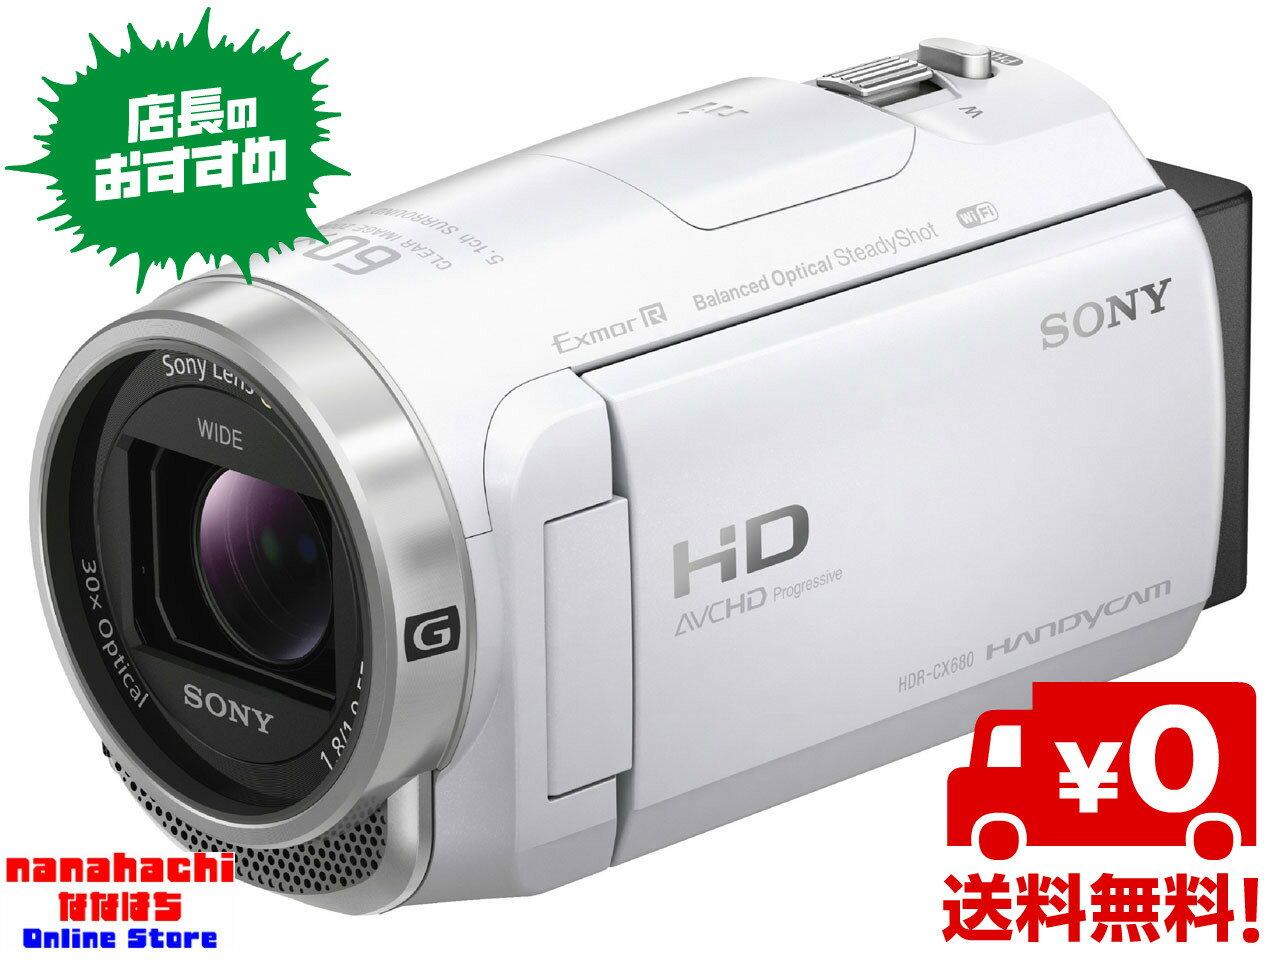 【送料無料】SONYソニーHDR-CX680-W ホワイト■デジタルHDビデオカメラレコーダー■さらに手ブレに強くなり、美しい映像を残せる高画質スタンダードモデル■ズームしてもブレない、「空間光学手ブレ補正」■64GBメモリー内蔵HDハンディカム